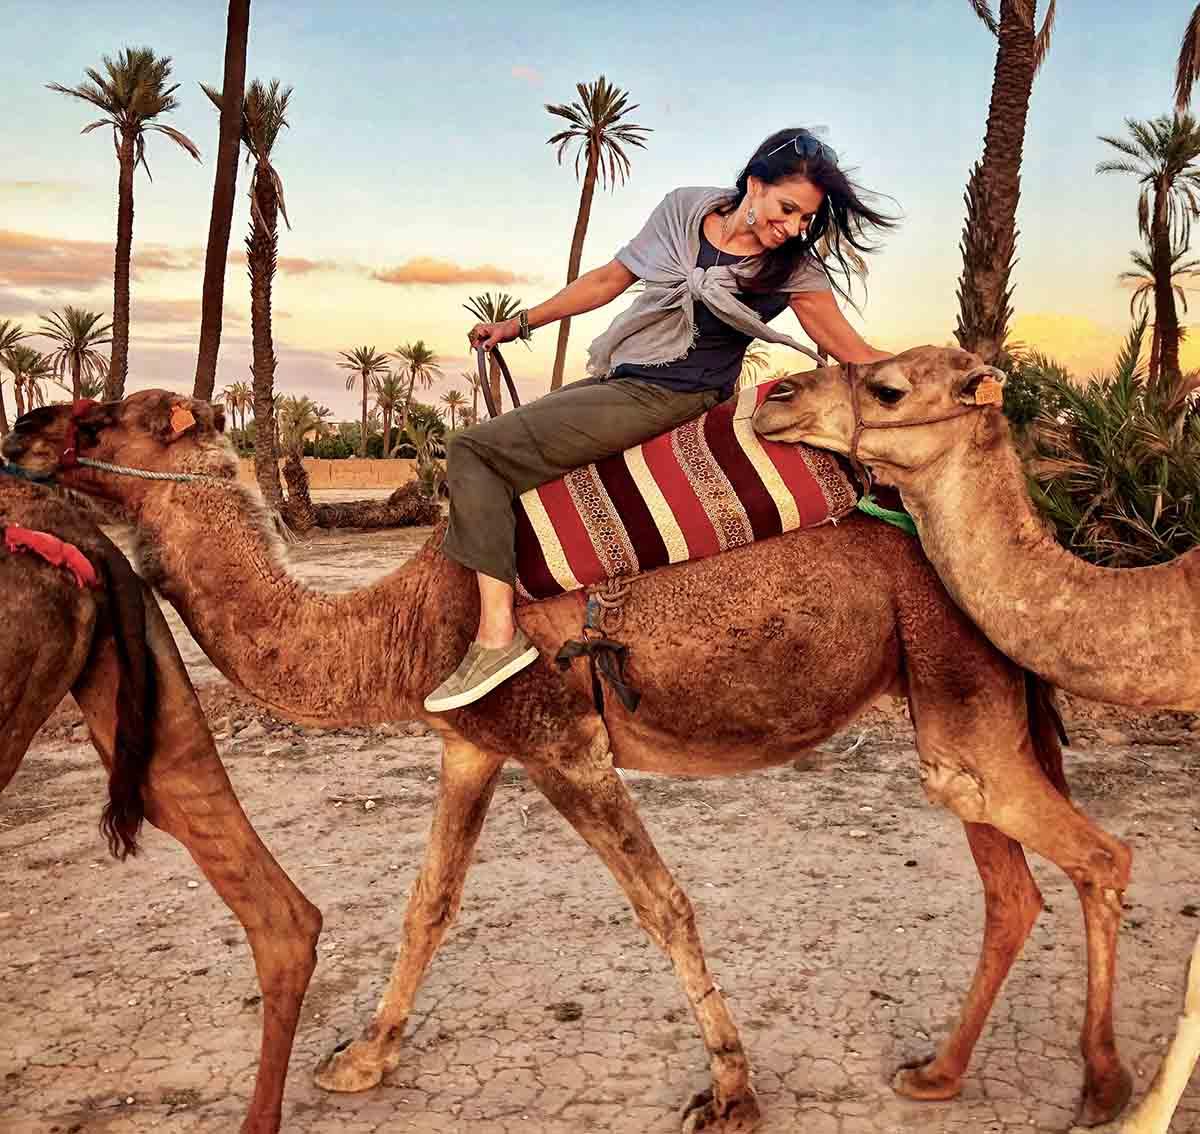 Montar en camello en Marrakech